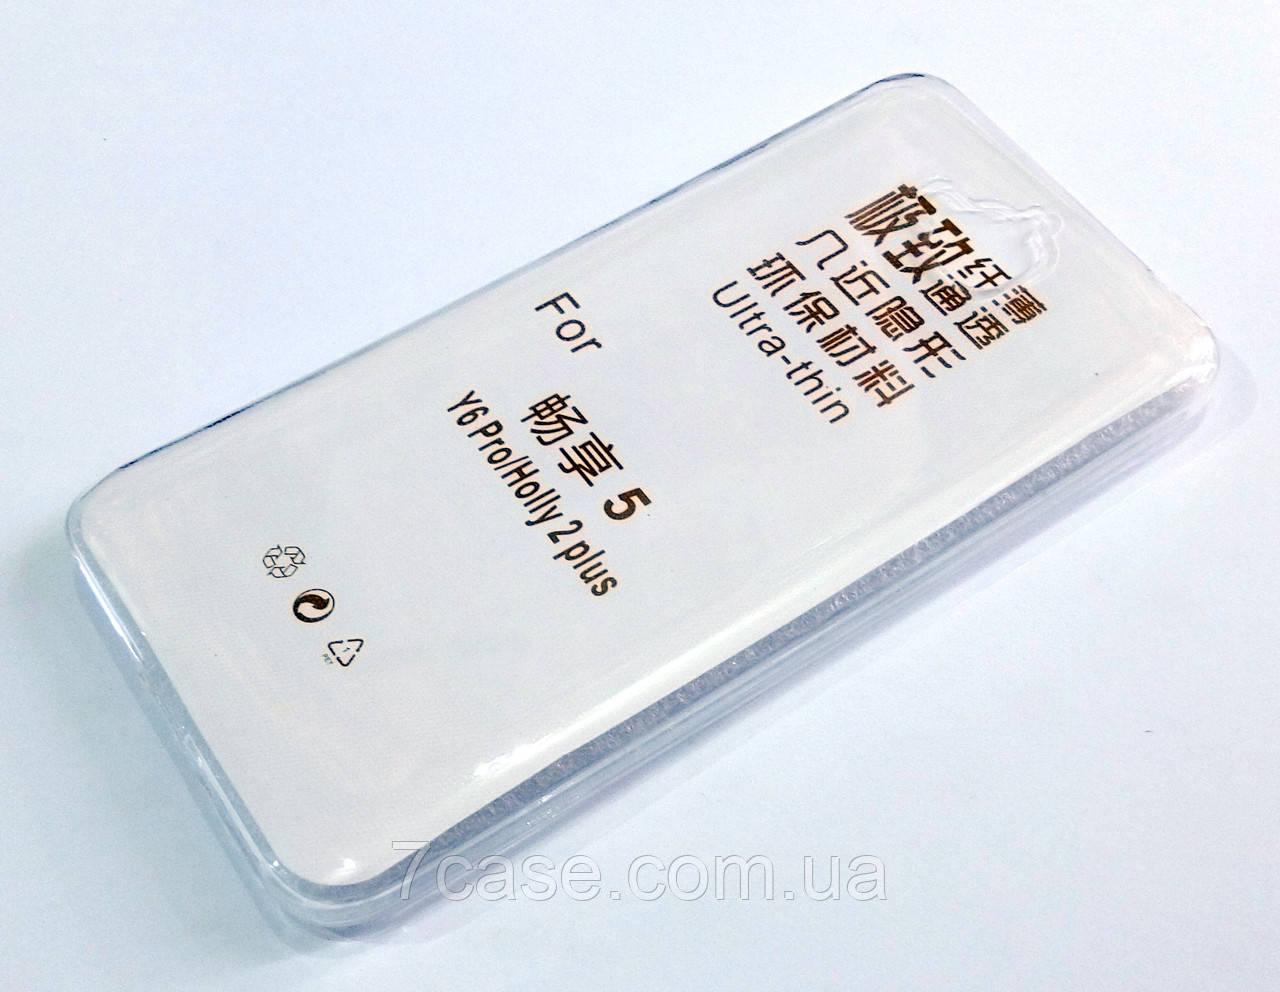 Чехол для Huawei Y6 Pro силиконовый ультратонкий прозрачный